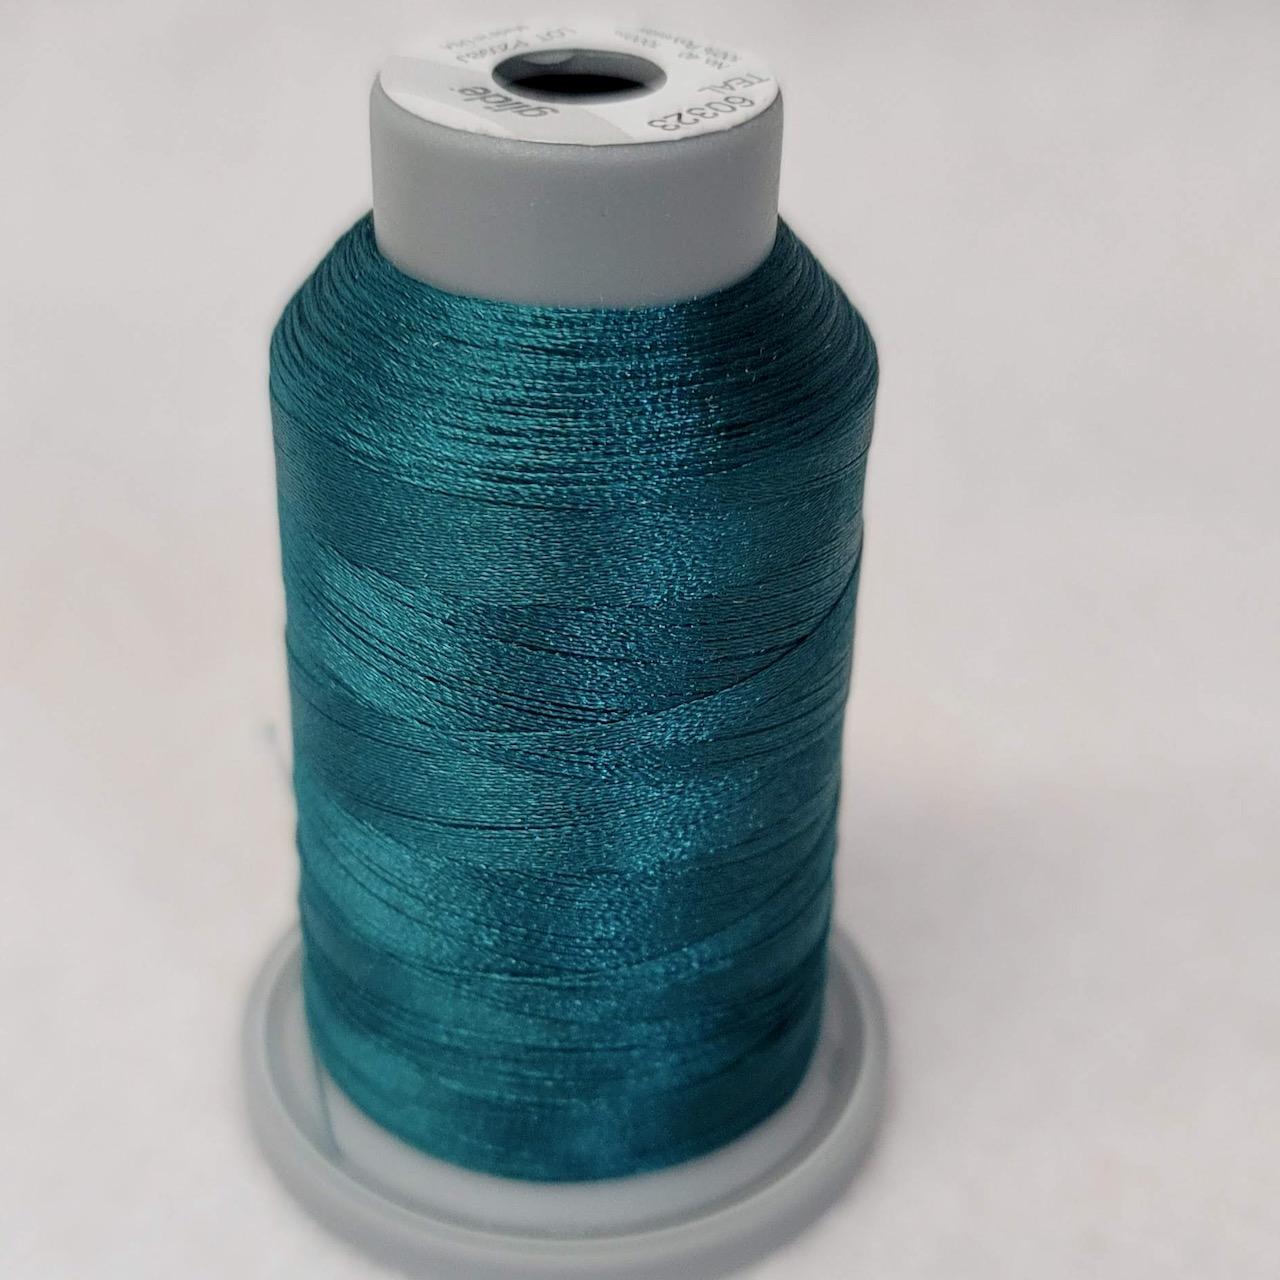 teal glide thread